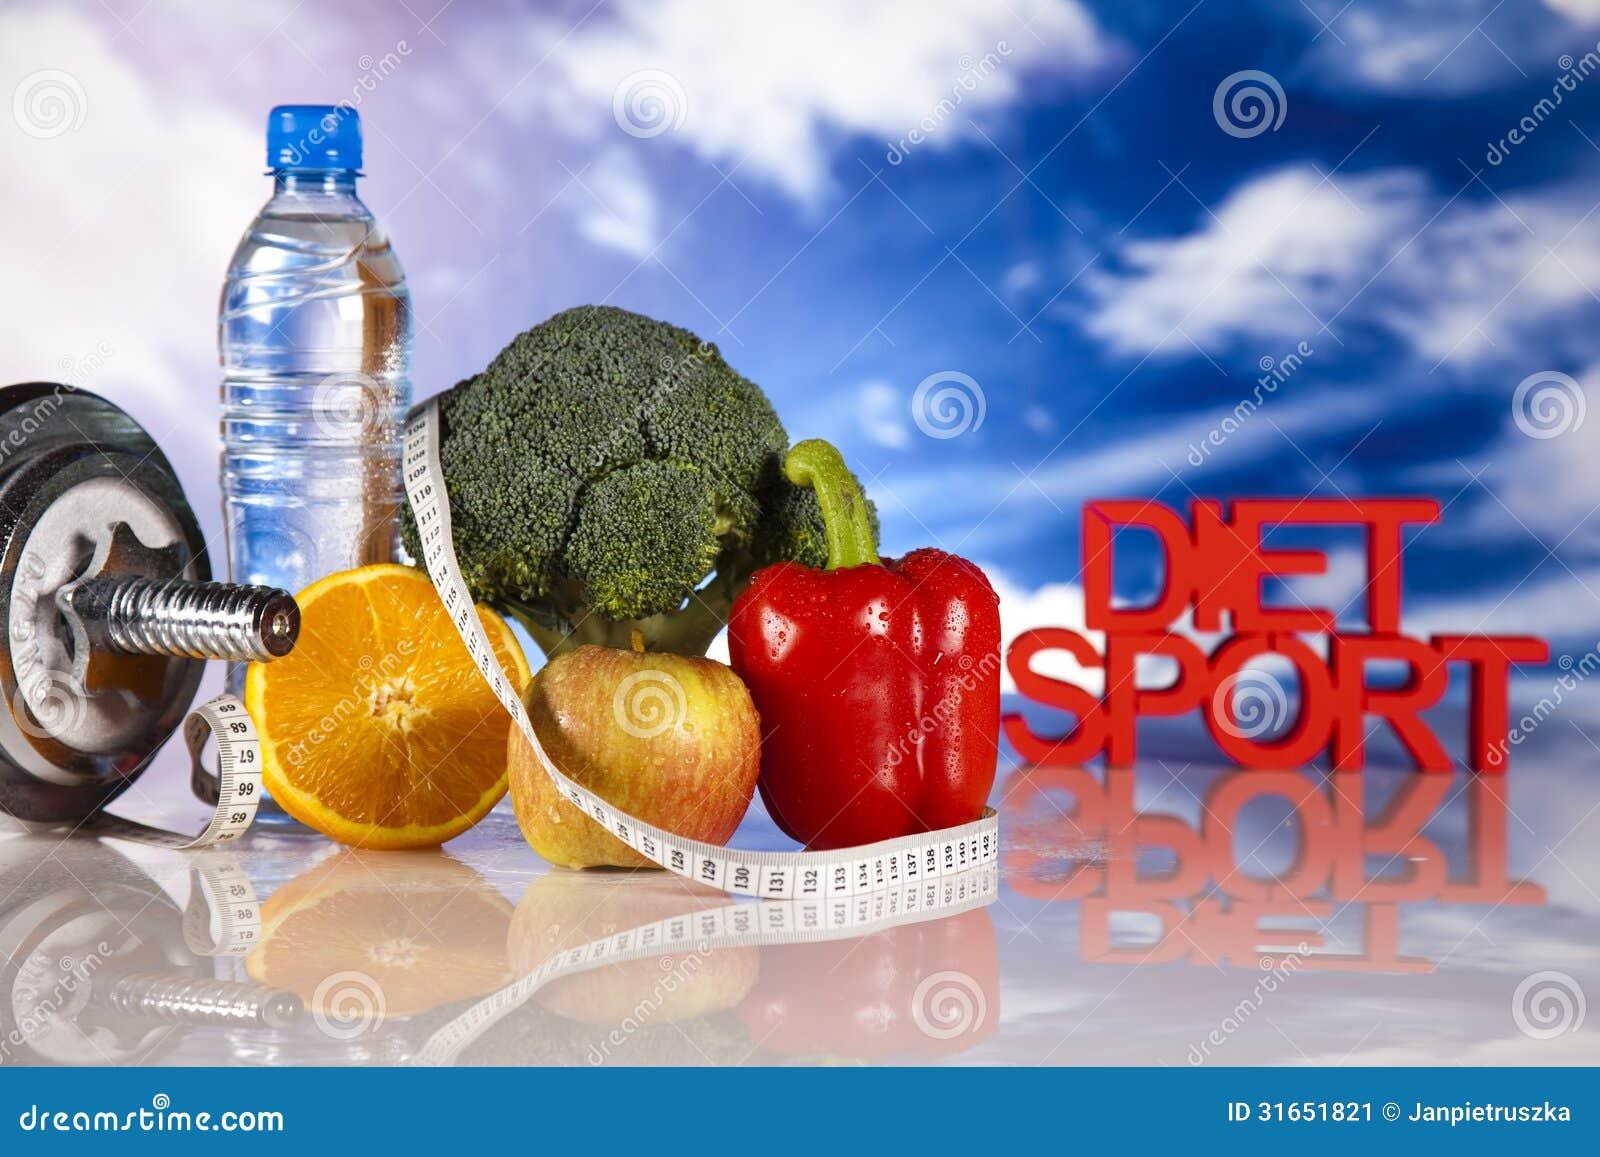 Диета или спорт? Что больше помогает худеть? | news. Am medicine.